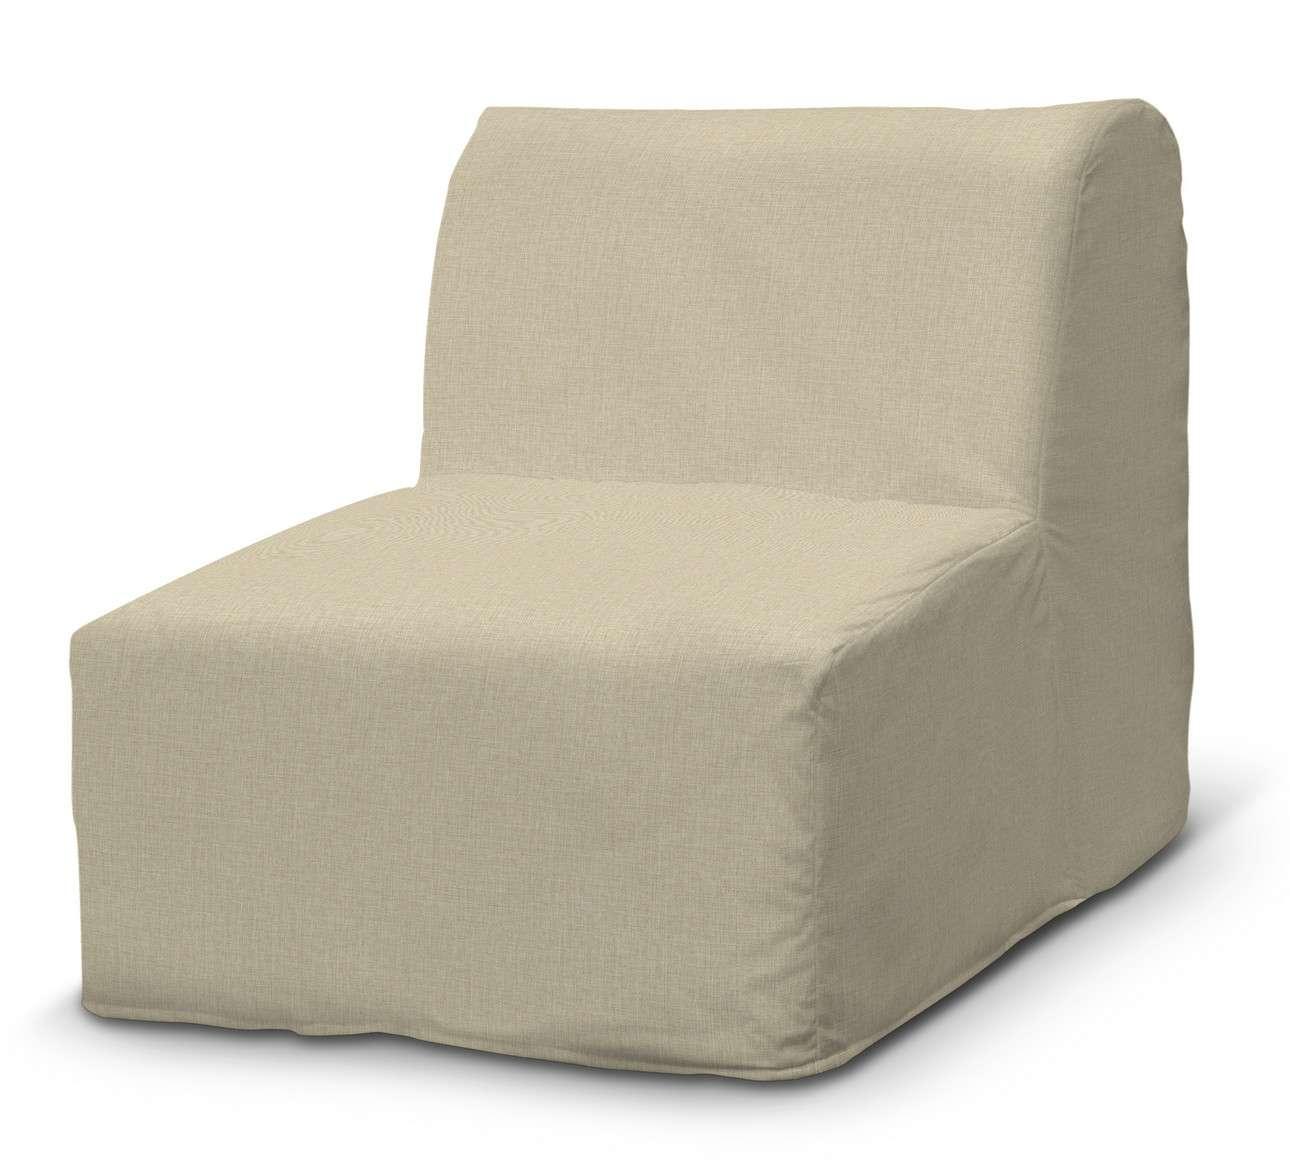 Bezug für Lycksele Sessel von der Kollektion Living, Stoff: 161-45